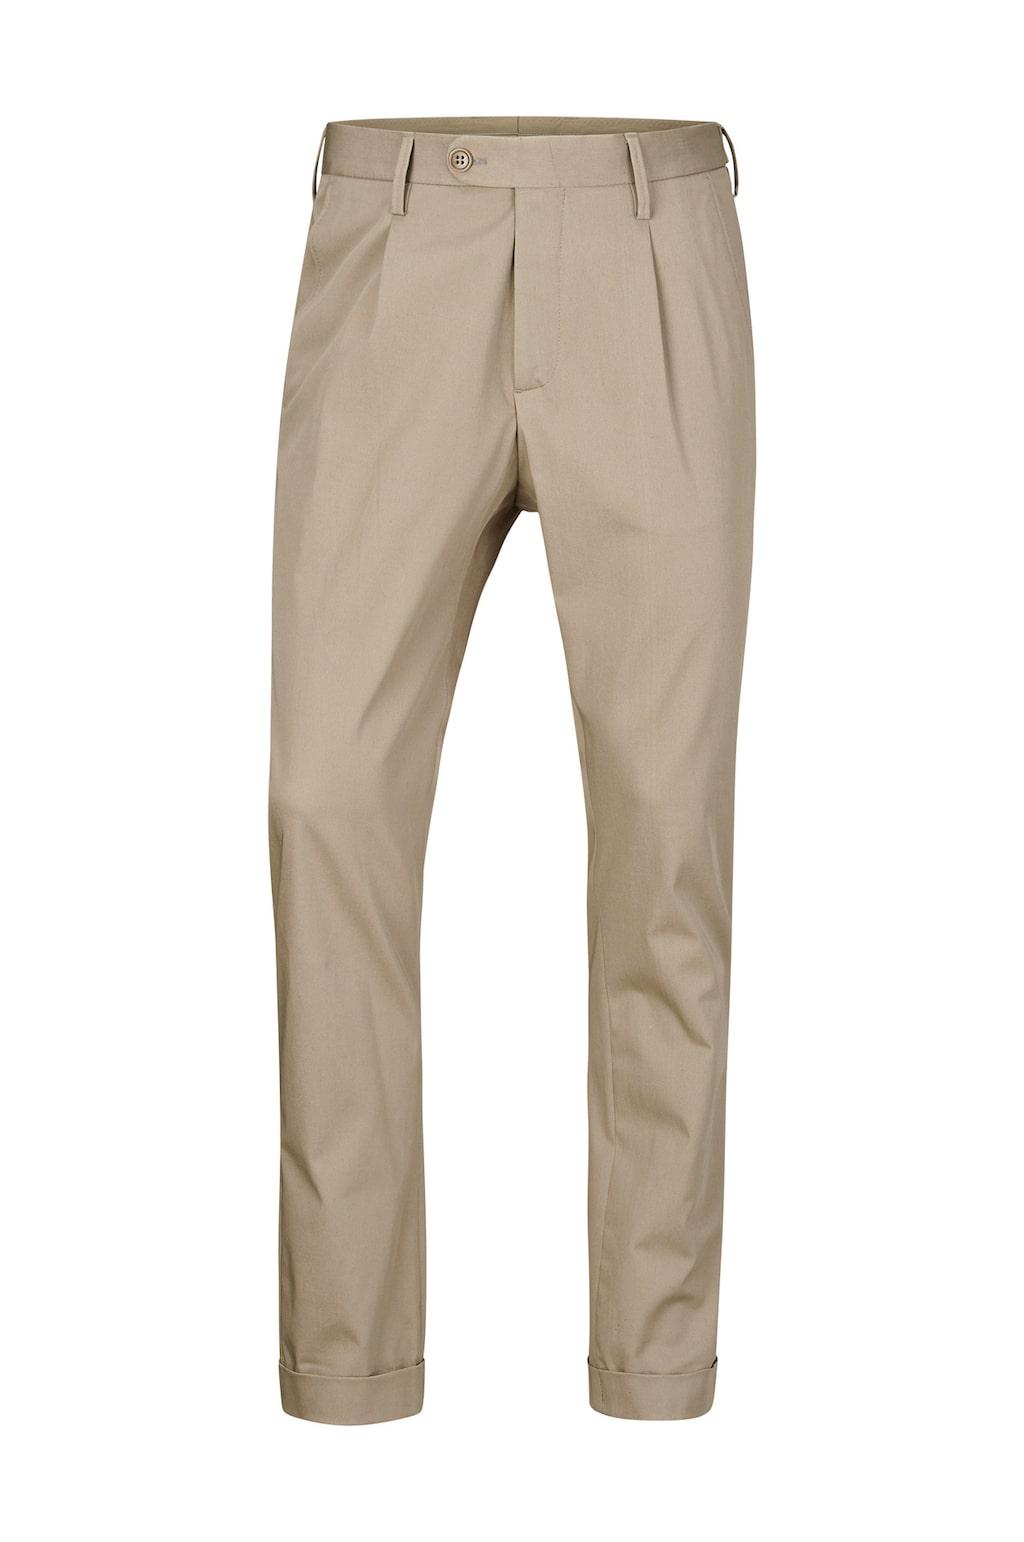 Chinos i stilig modell med lagda veck och två snedskurna fickor framtill. Pris: 699 kronor.